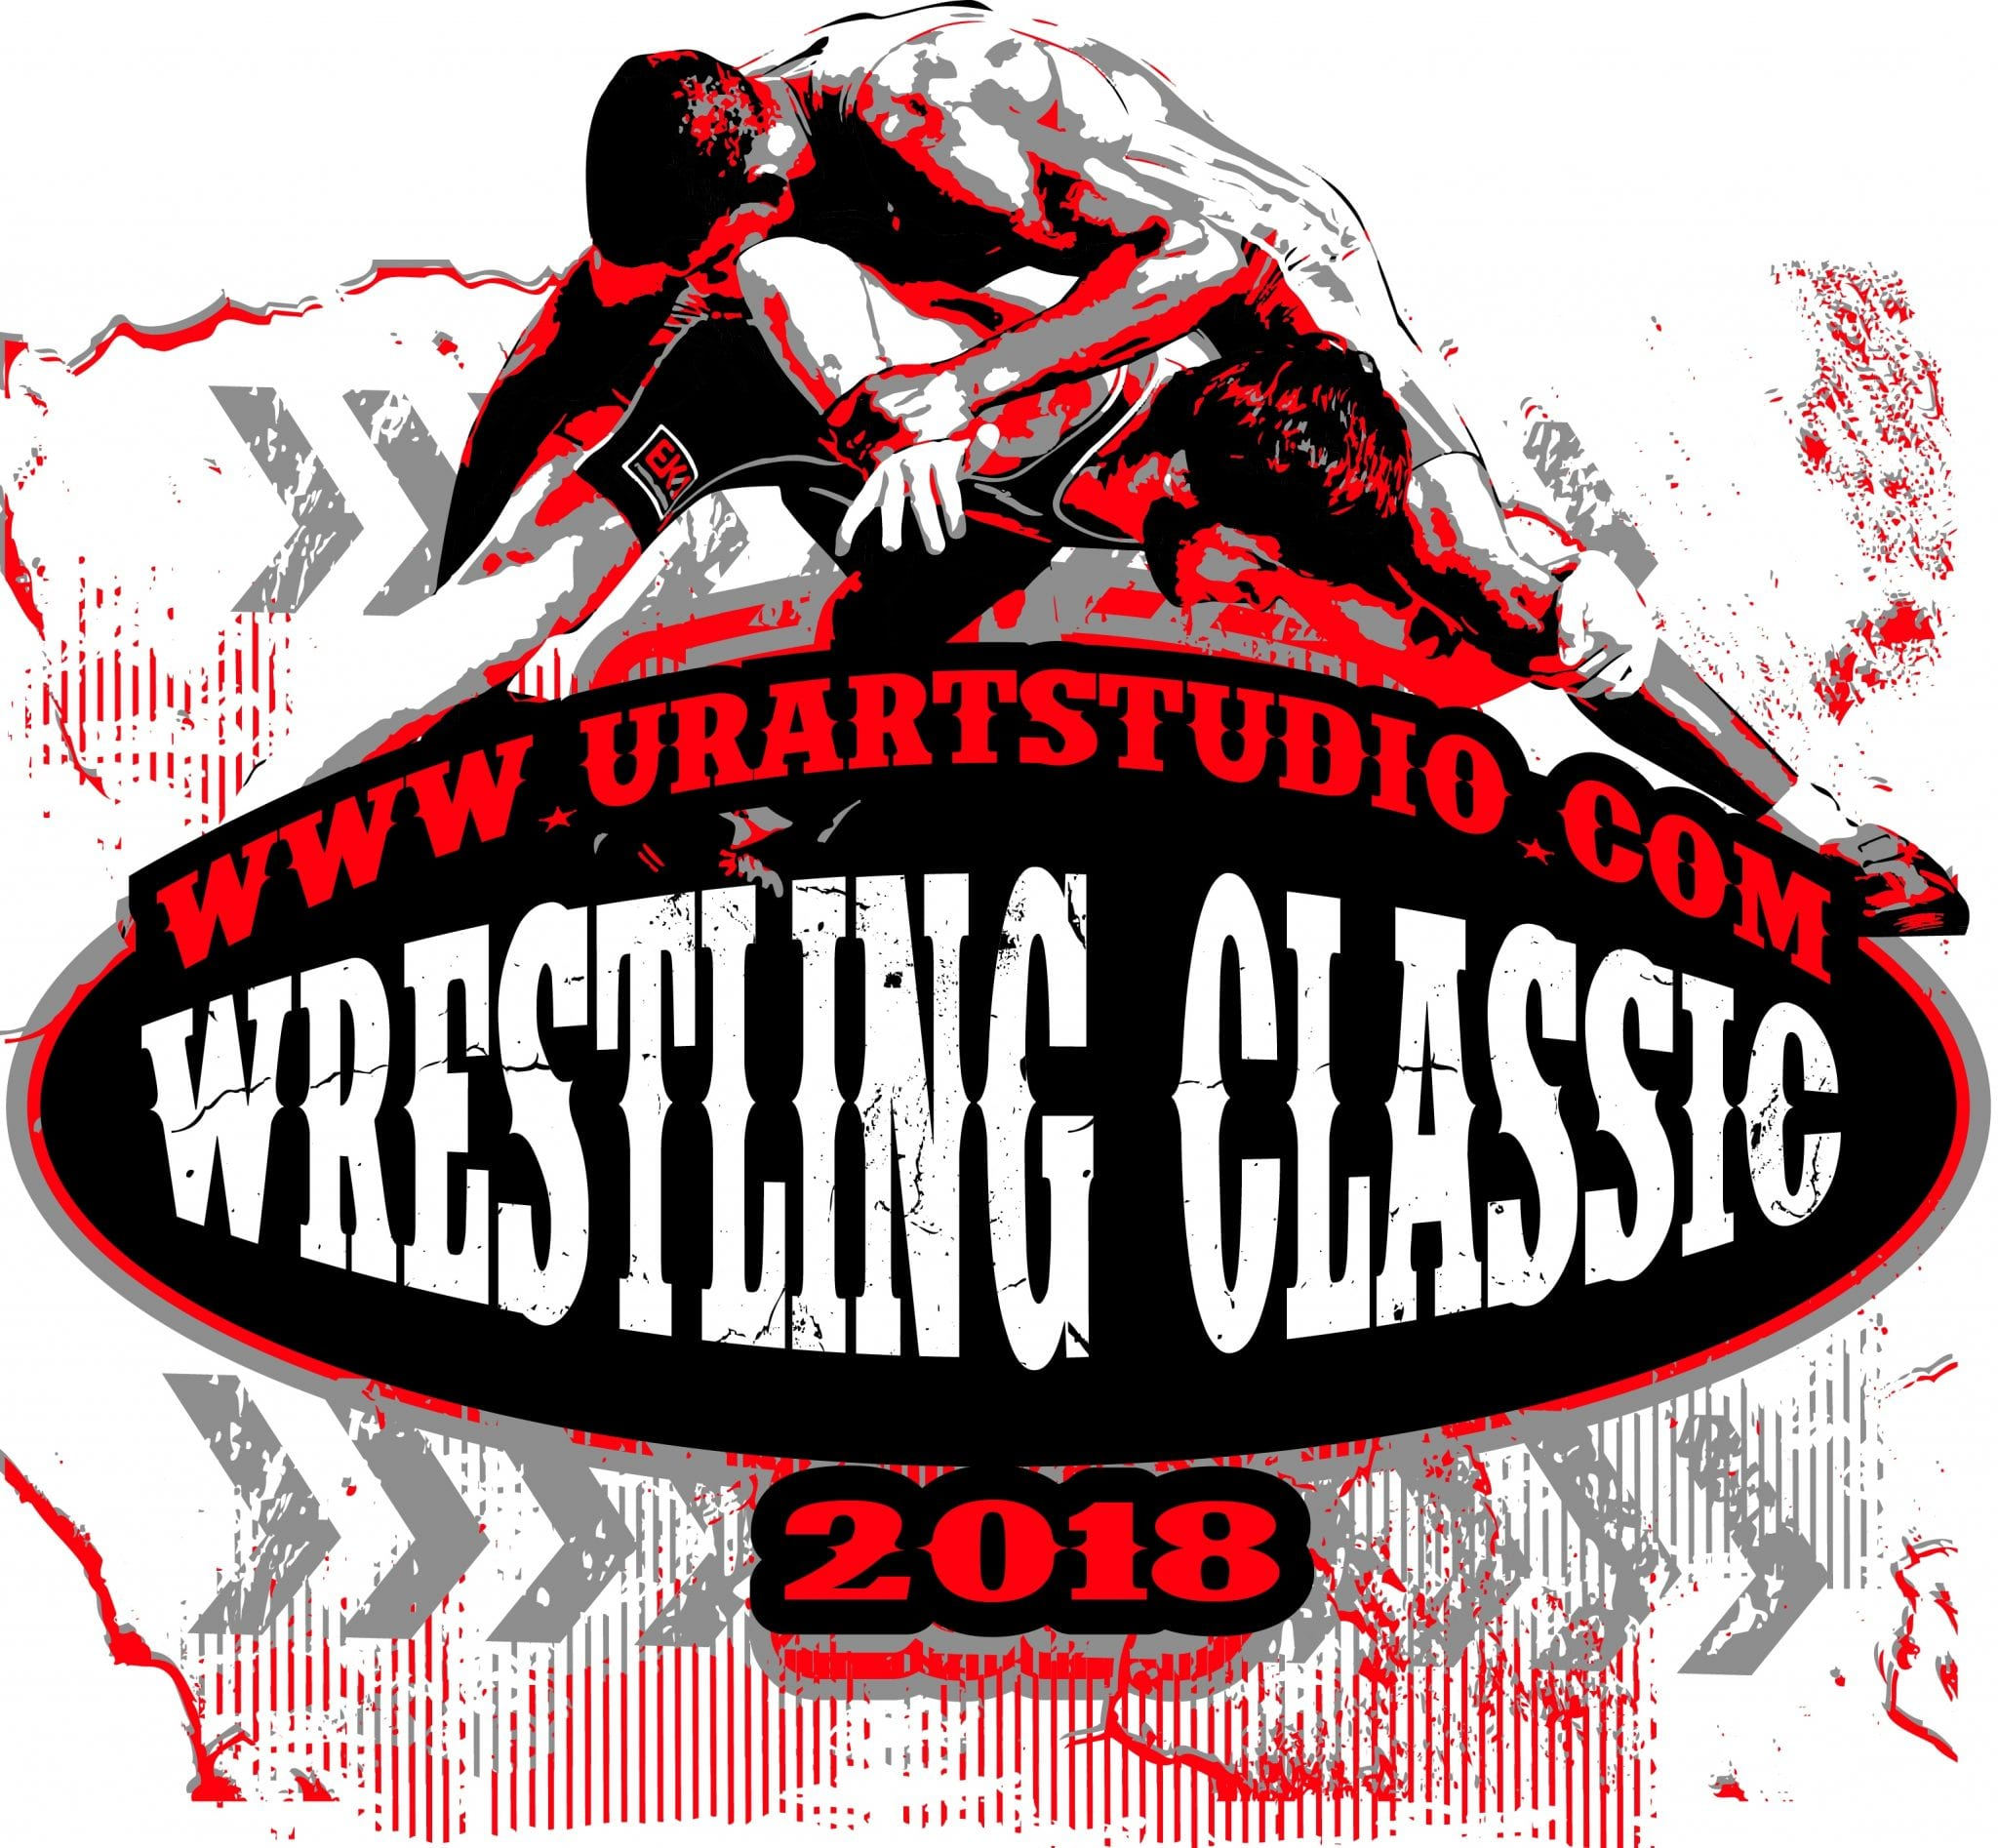 WRESTLING CLASSIC 2018 T-shirt vector logo design for print